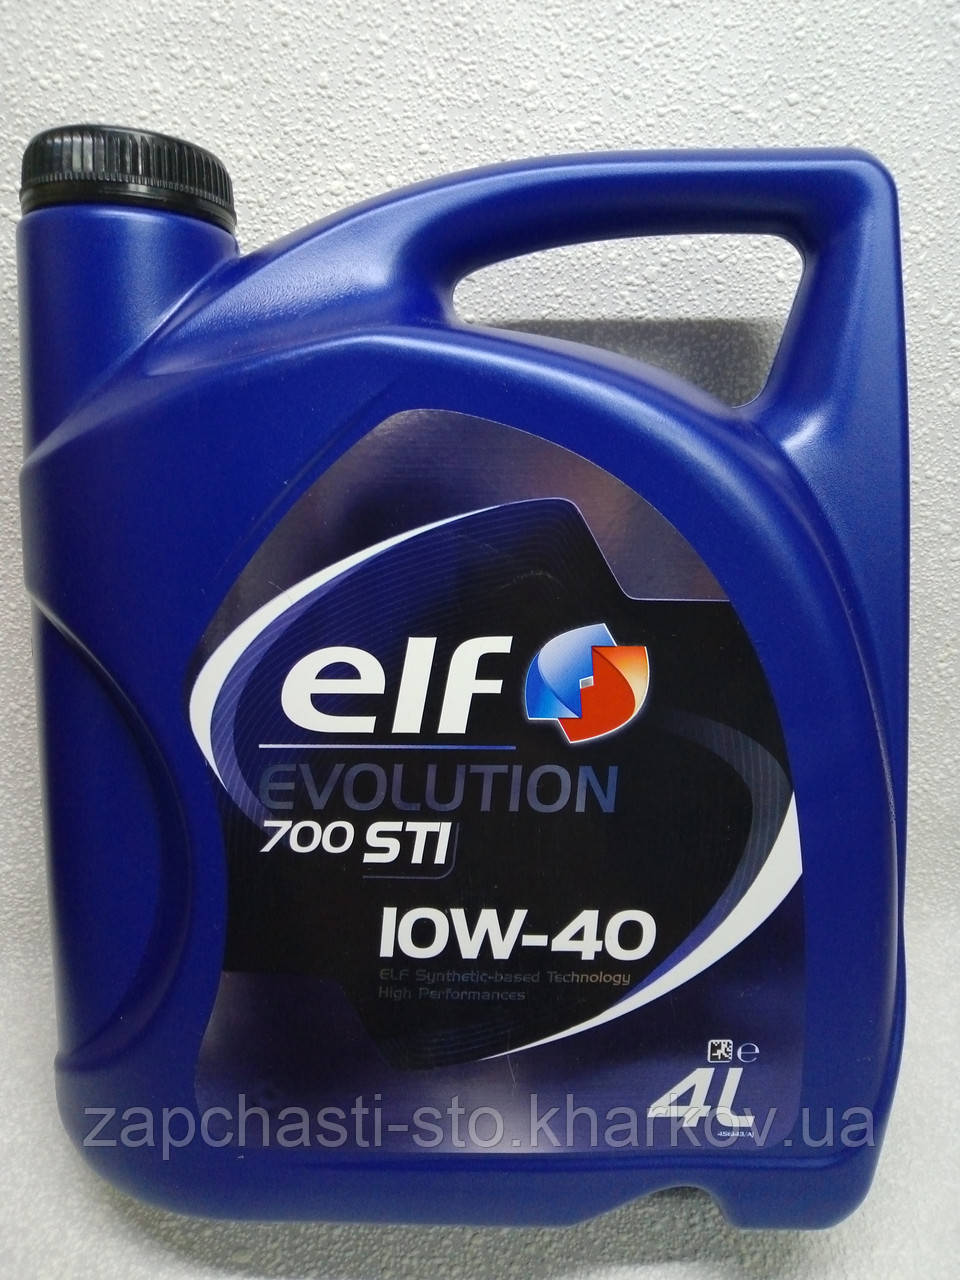 Полусинтетика ELF Evol 700 STI 10W40 4л моторное масло